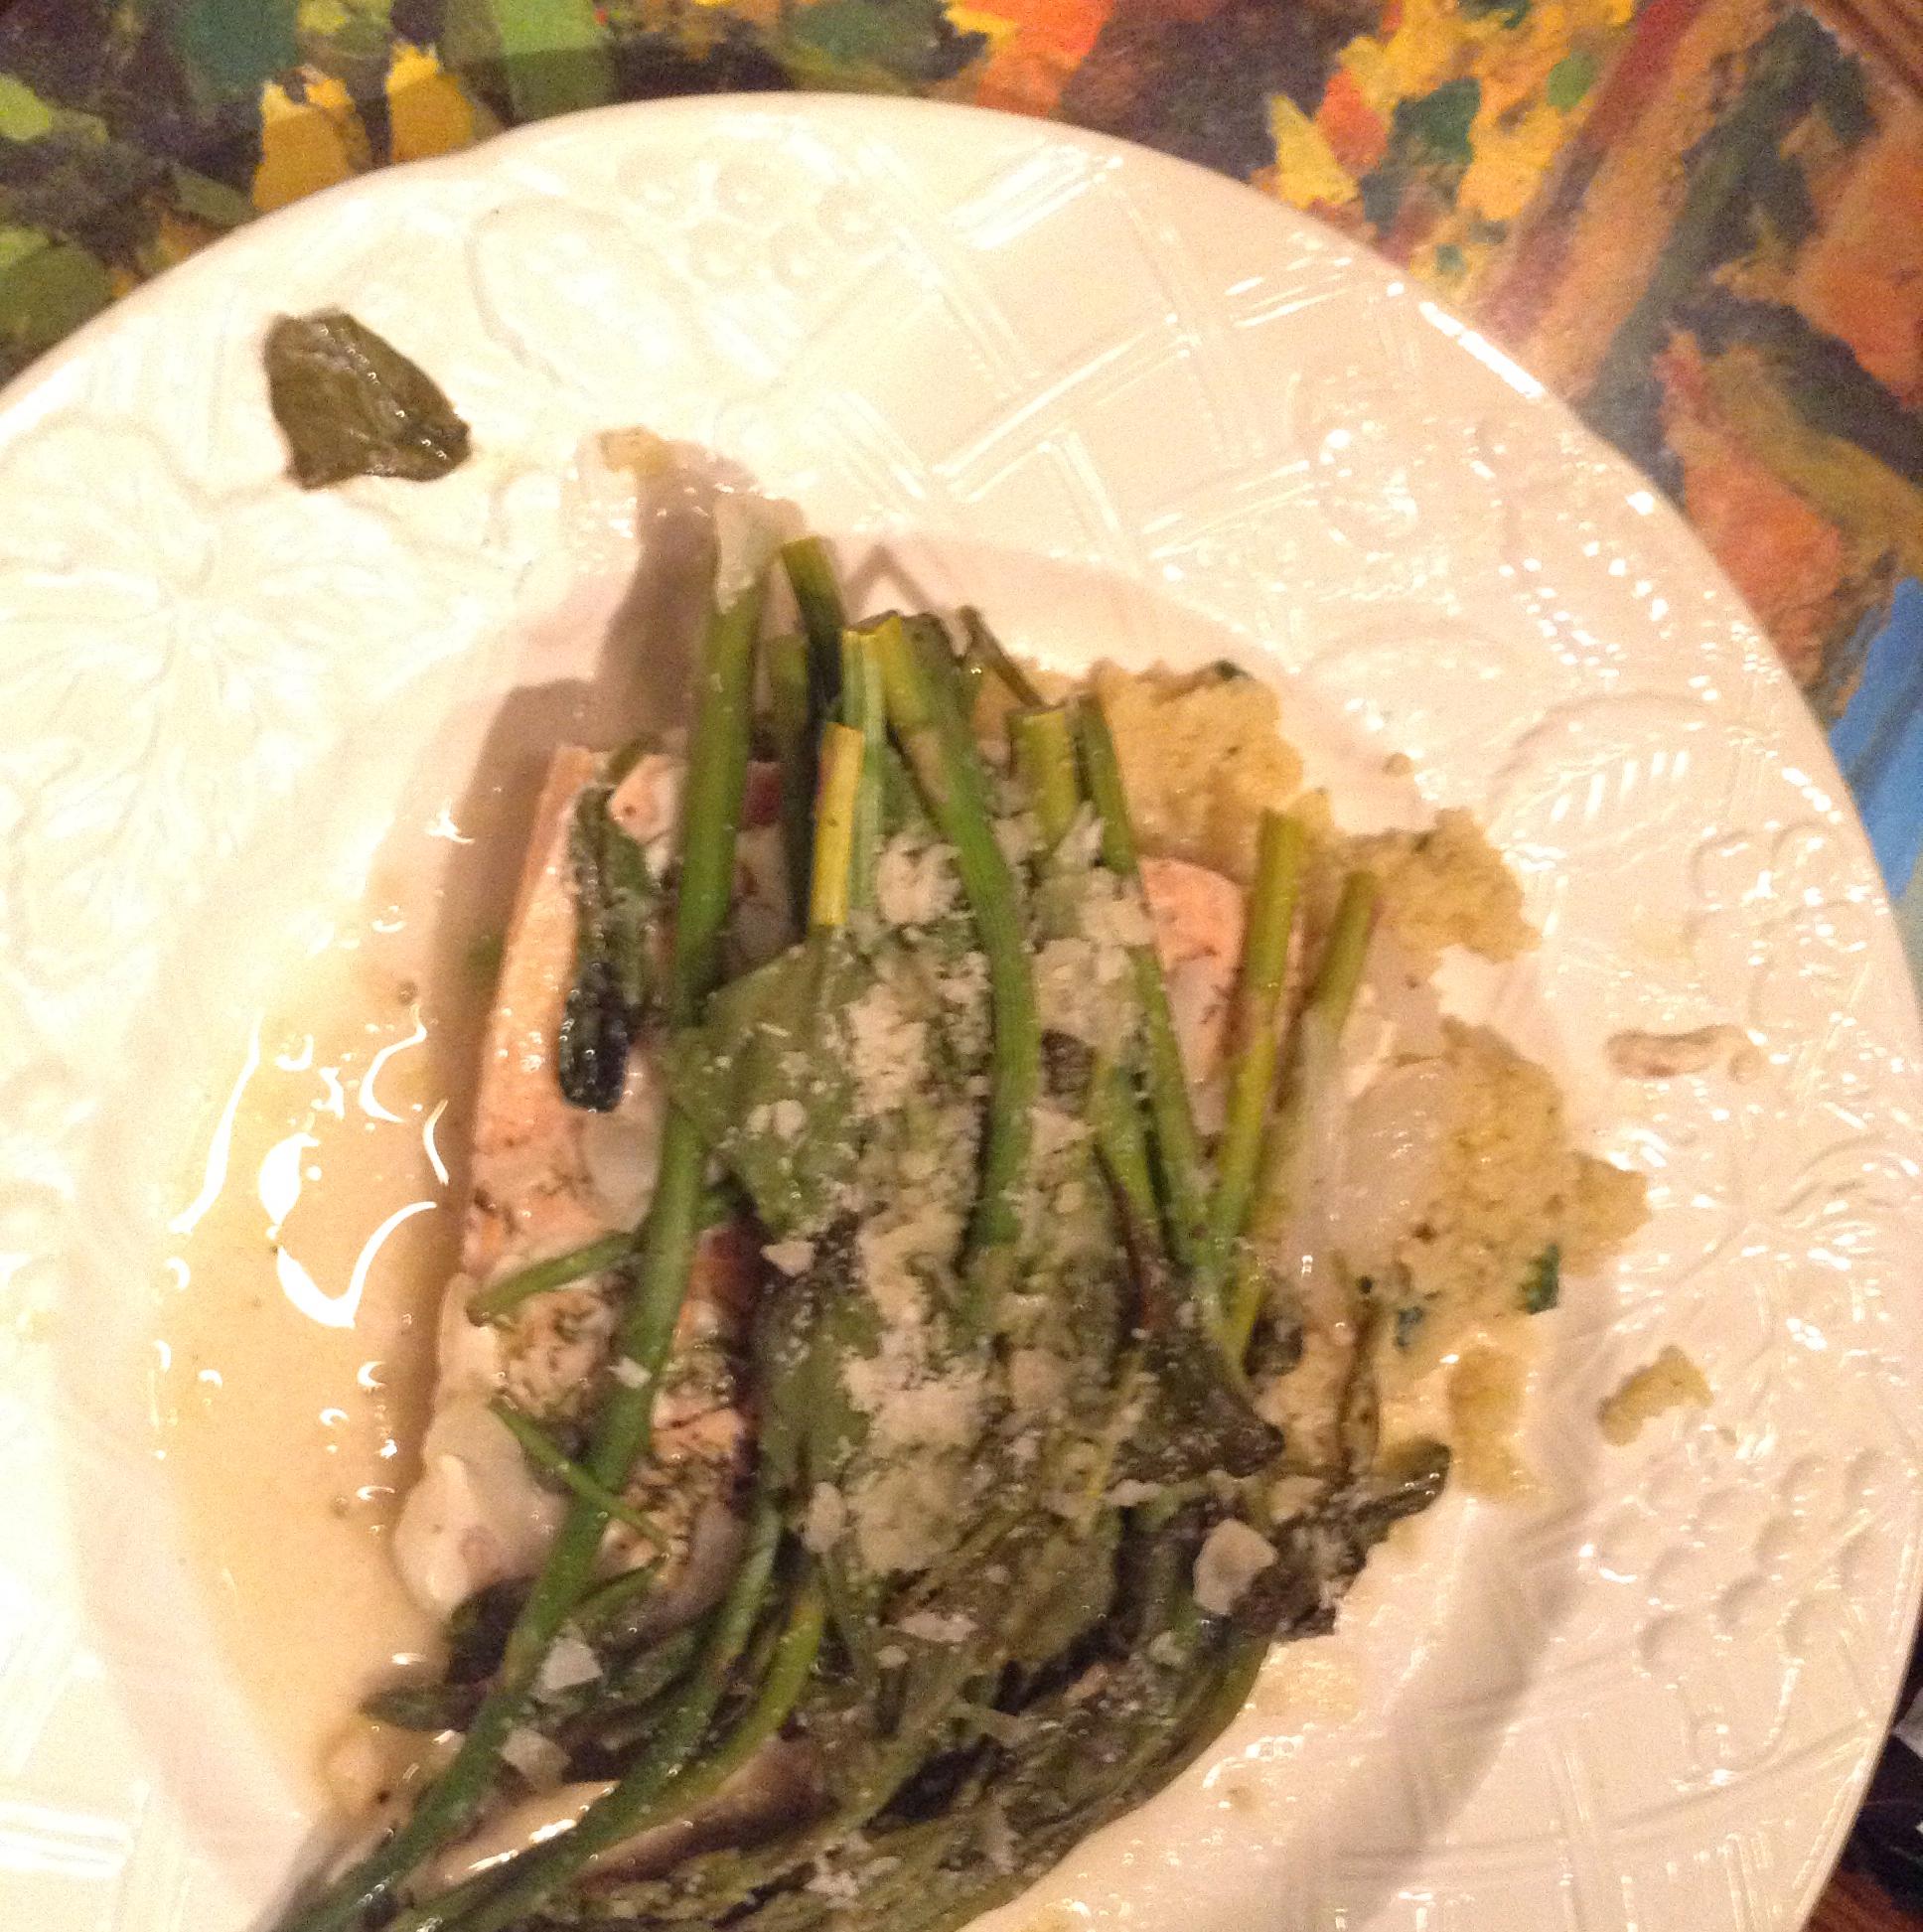 Salmon and Asparagus in a Bag deborah dawson